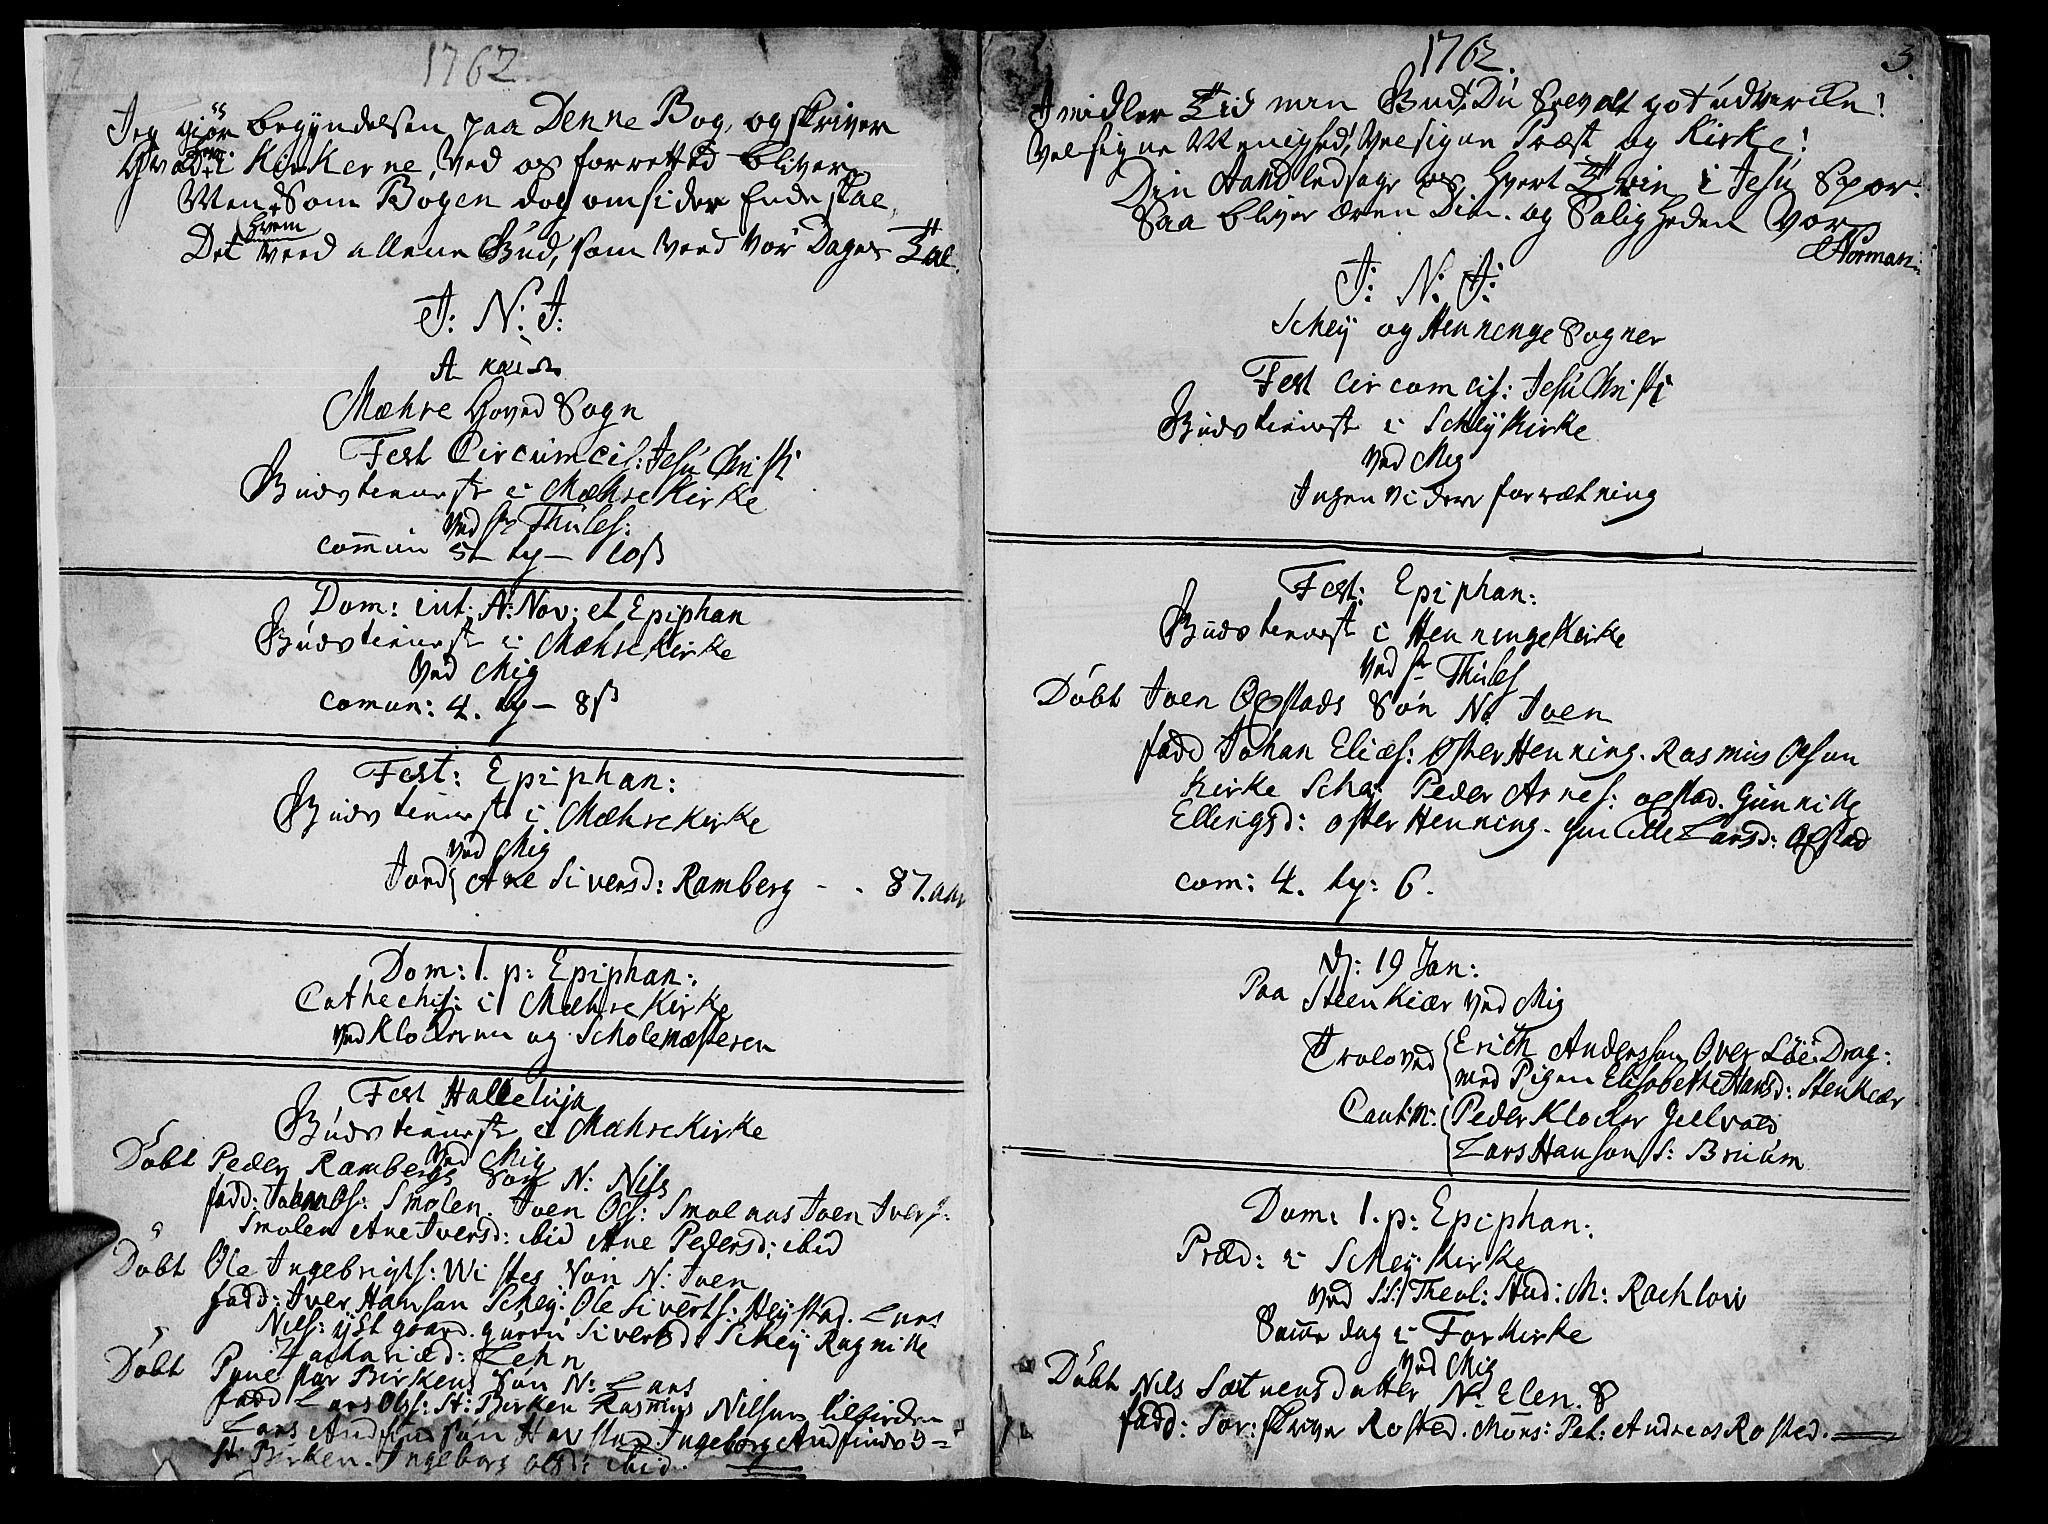 SAT, Ministerialprotokoller, klokkerbøker og fødselsregistre - Nord-Trøndelag, 735/L0331: Ministerialbok nr. 735A02, 1762-1794, s. 2-3